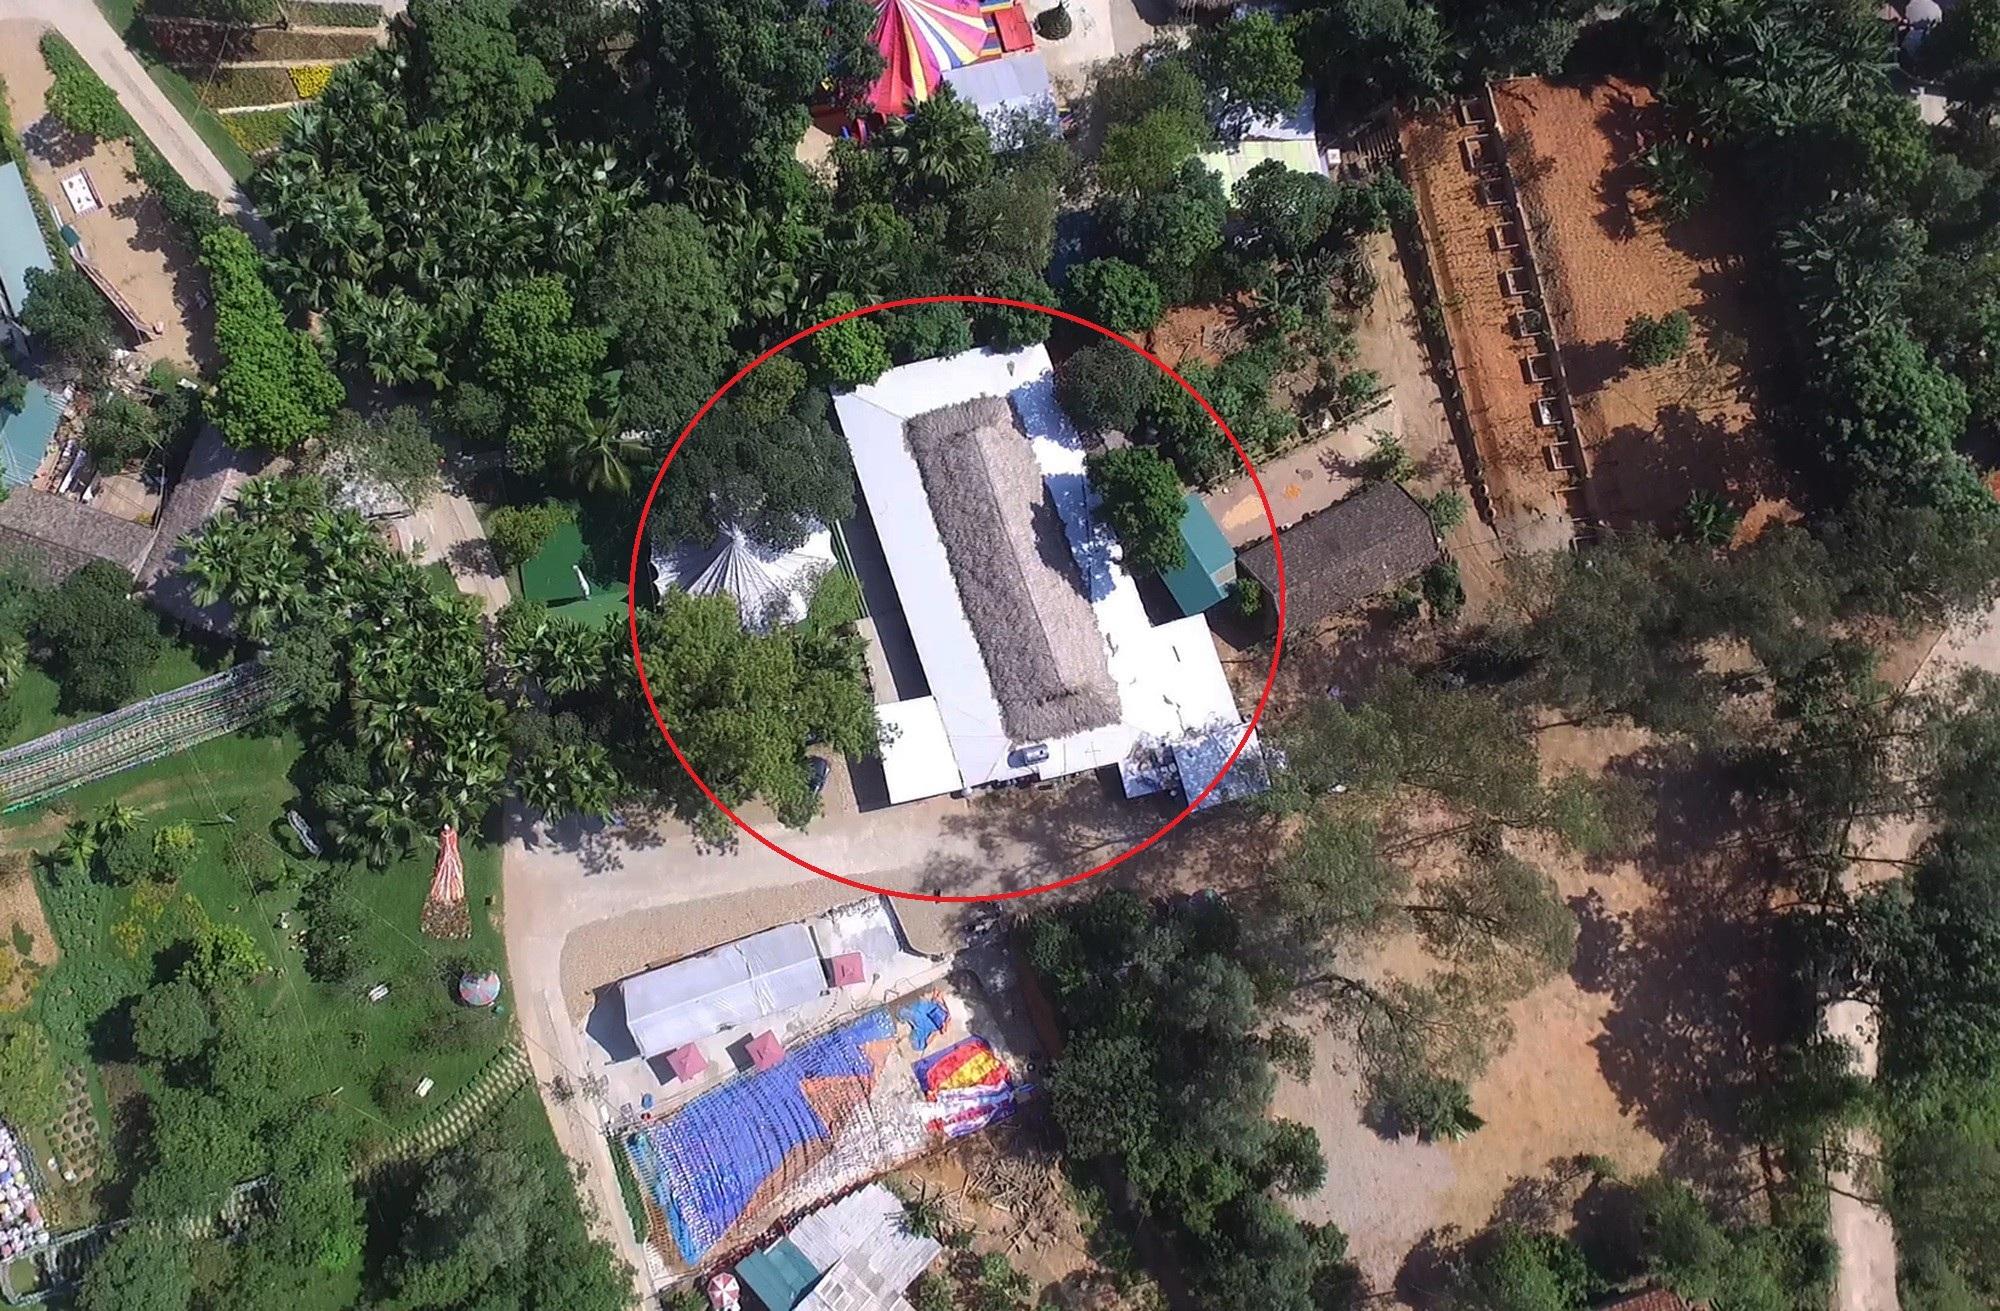 Hình ảnh công trình xây dựng trái phép trong Khu di tích Đền Hùng - Ảnh 5.